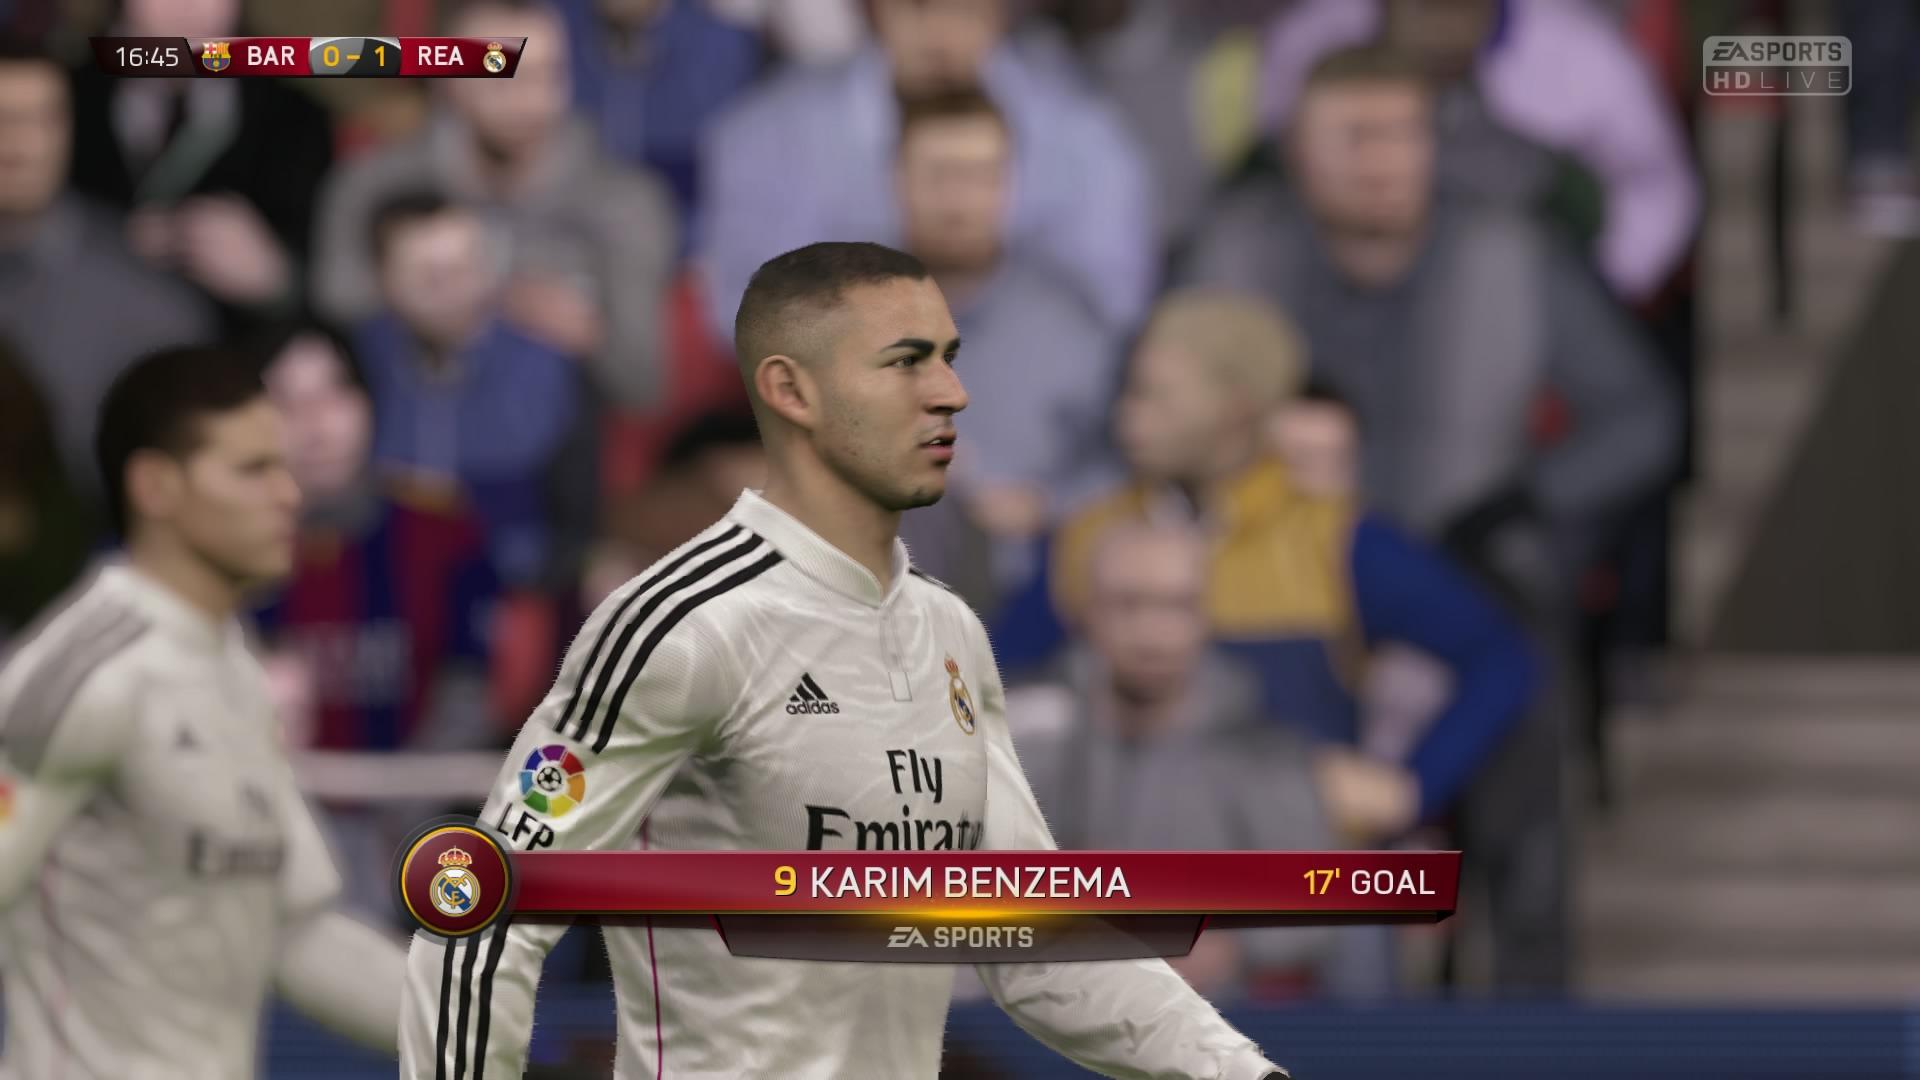 FIFA 15 – sportu zdar a fotbalu od EA Sports zvlášť 102091